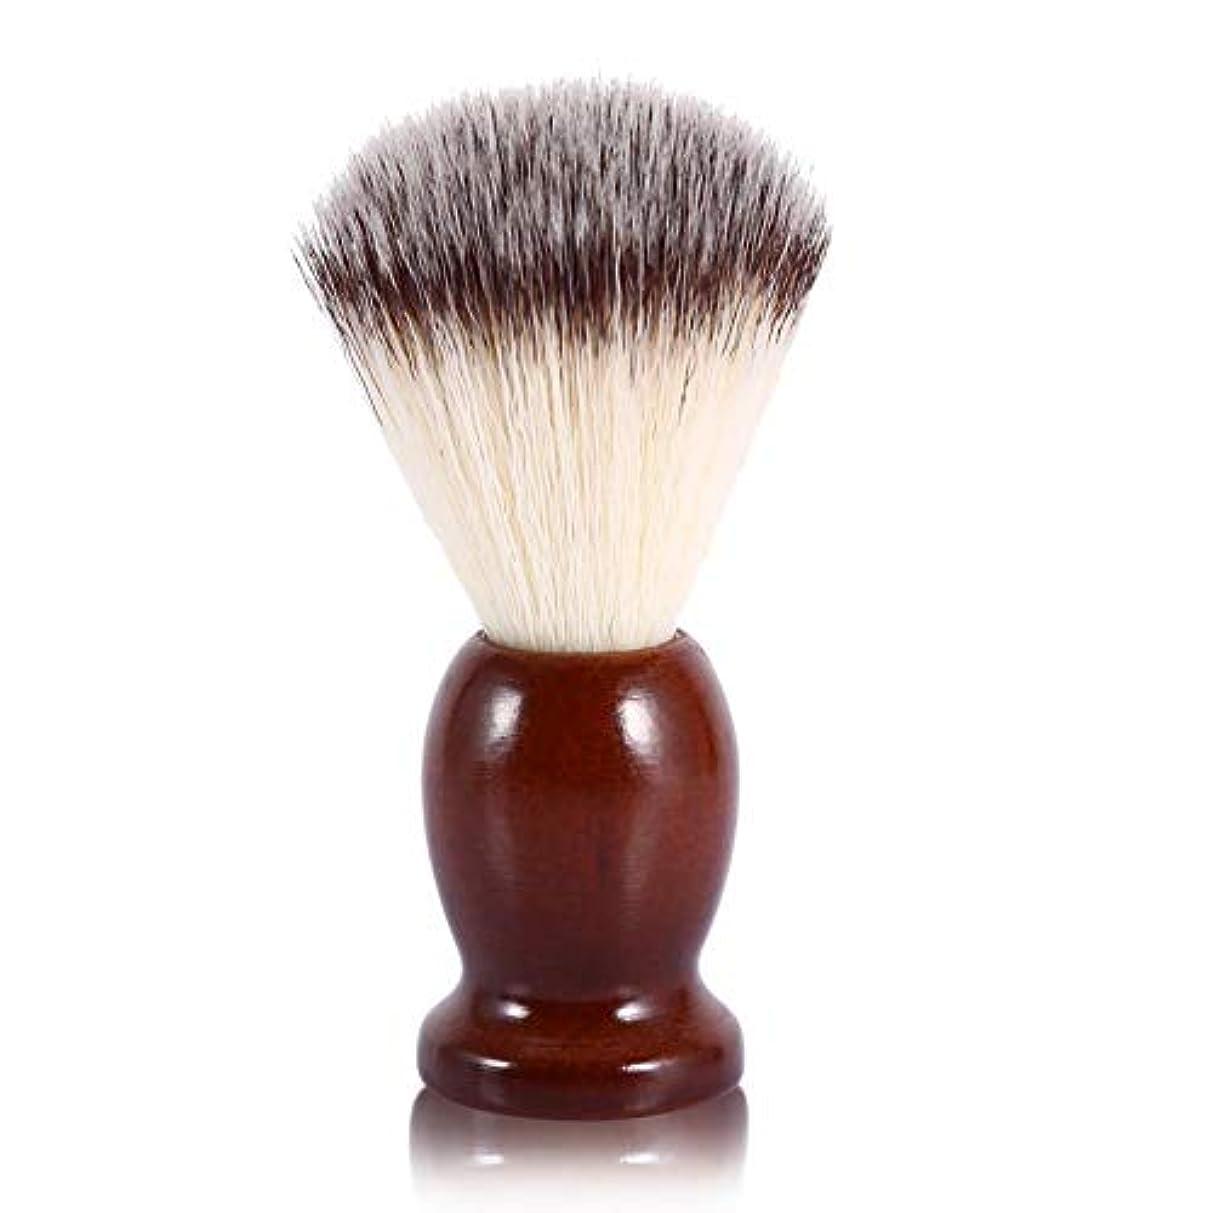 あなたは戦術雨Qinlorgo シェービングブラシ メンズ シェービングブラシ あごひげシェービングブラシ フェイシャルクリーニングブラシ バーバー サロンツール プロの理髪/サロン用 家庭用